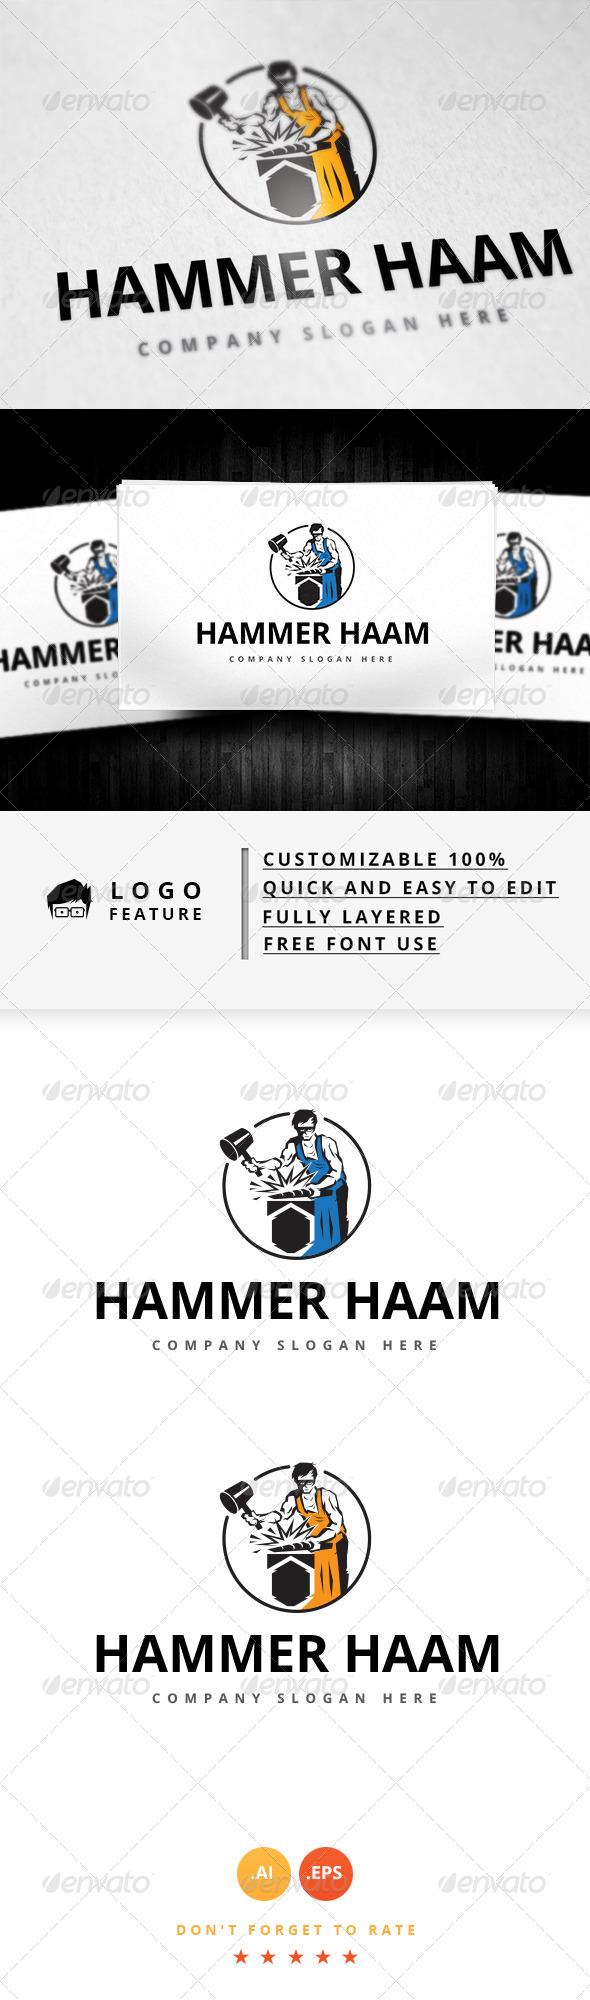 GraphicRiver Hammer Haam Logo 8279003